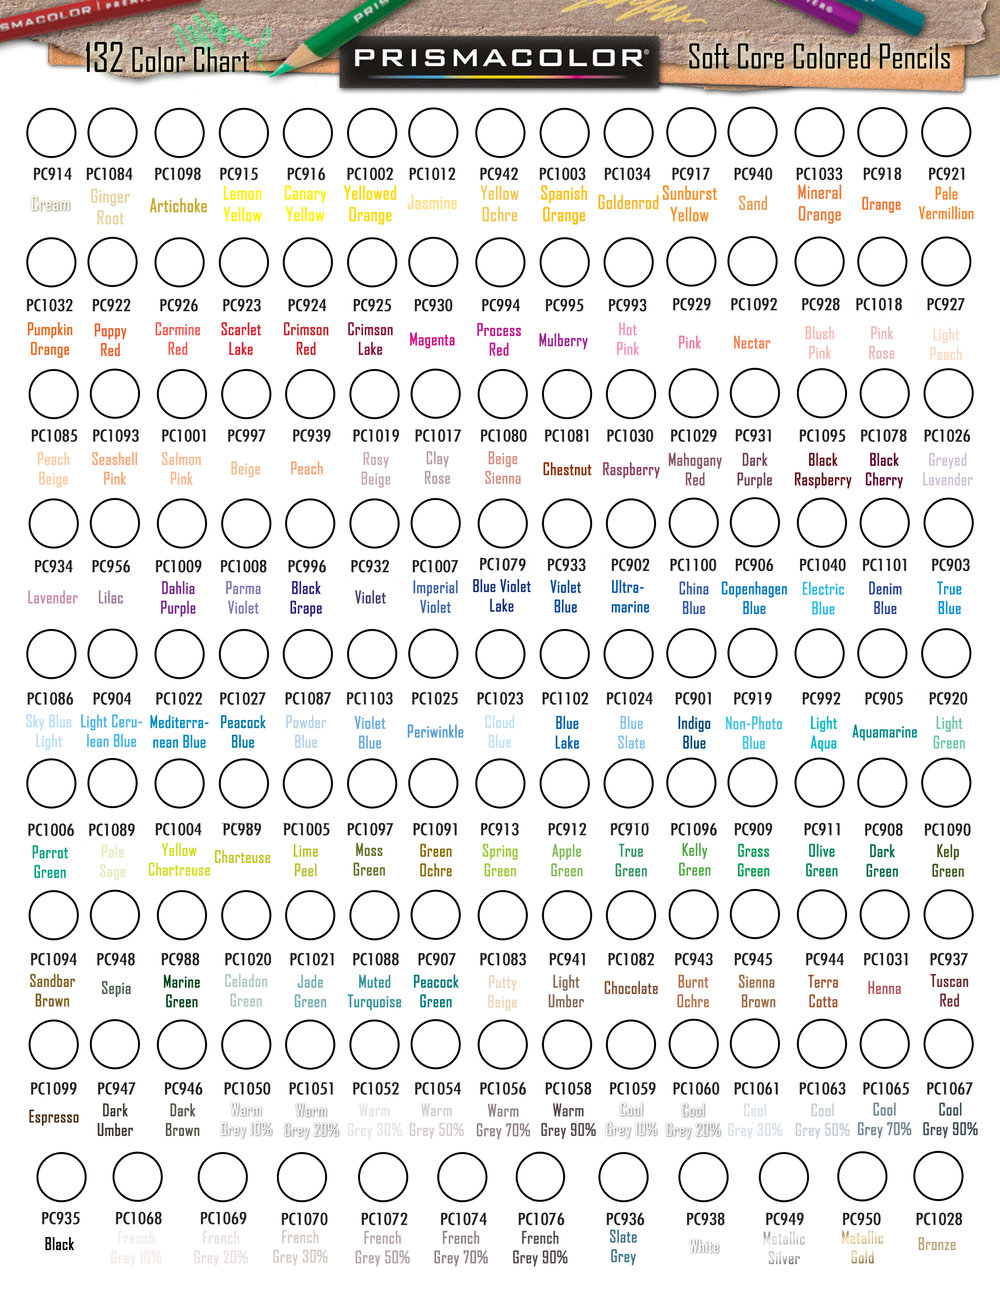 prismacolor_132_premier_colored_pencil_chart_by_transientart-d4iu9wm